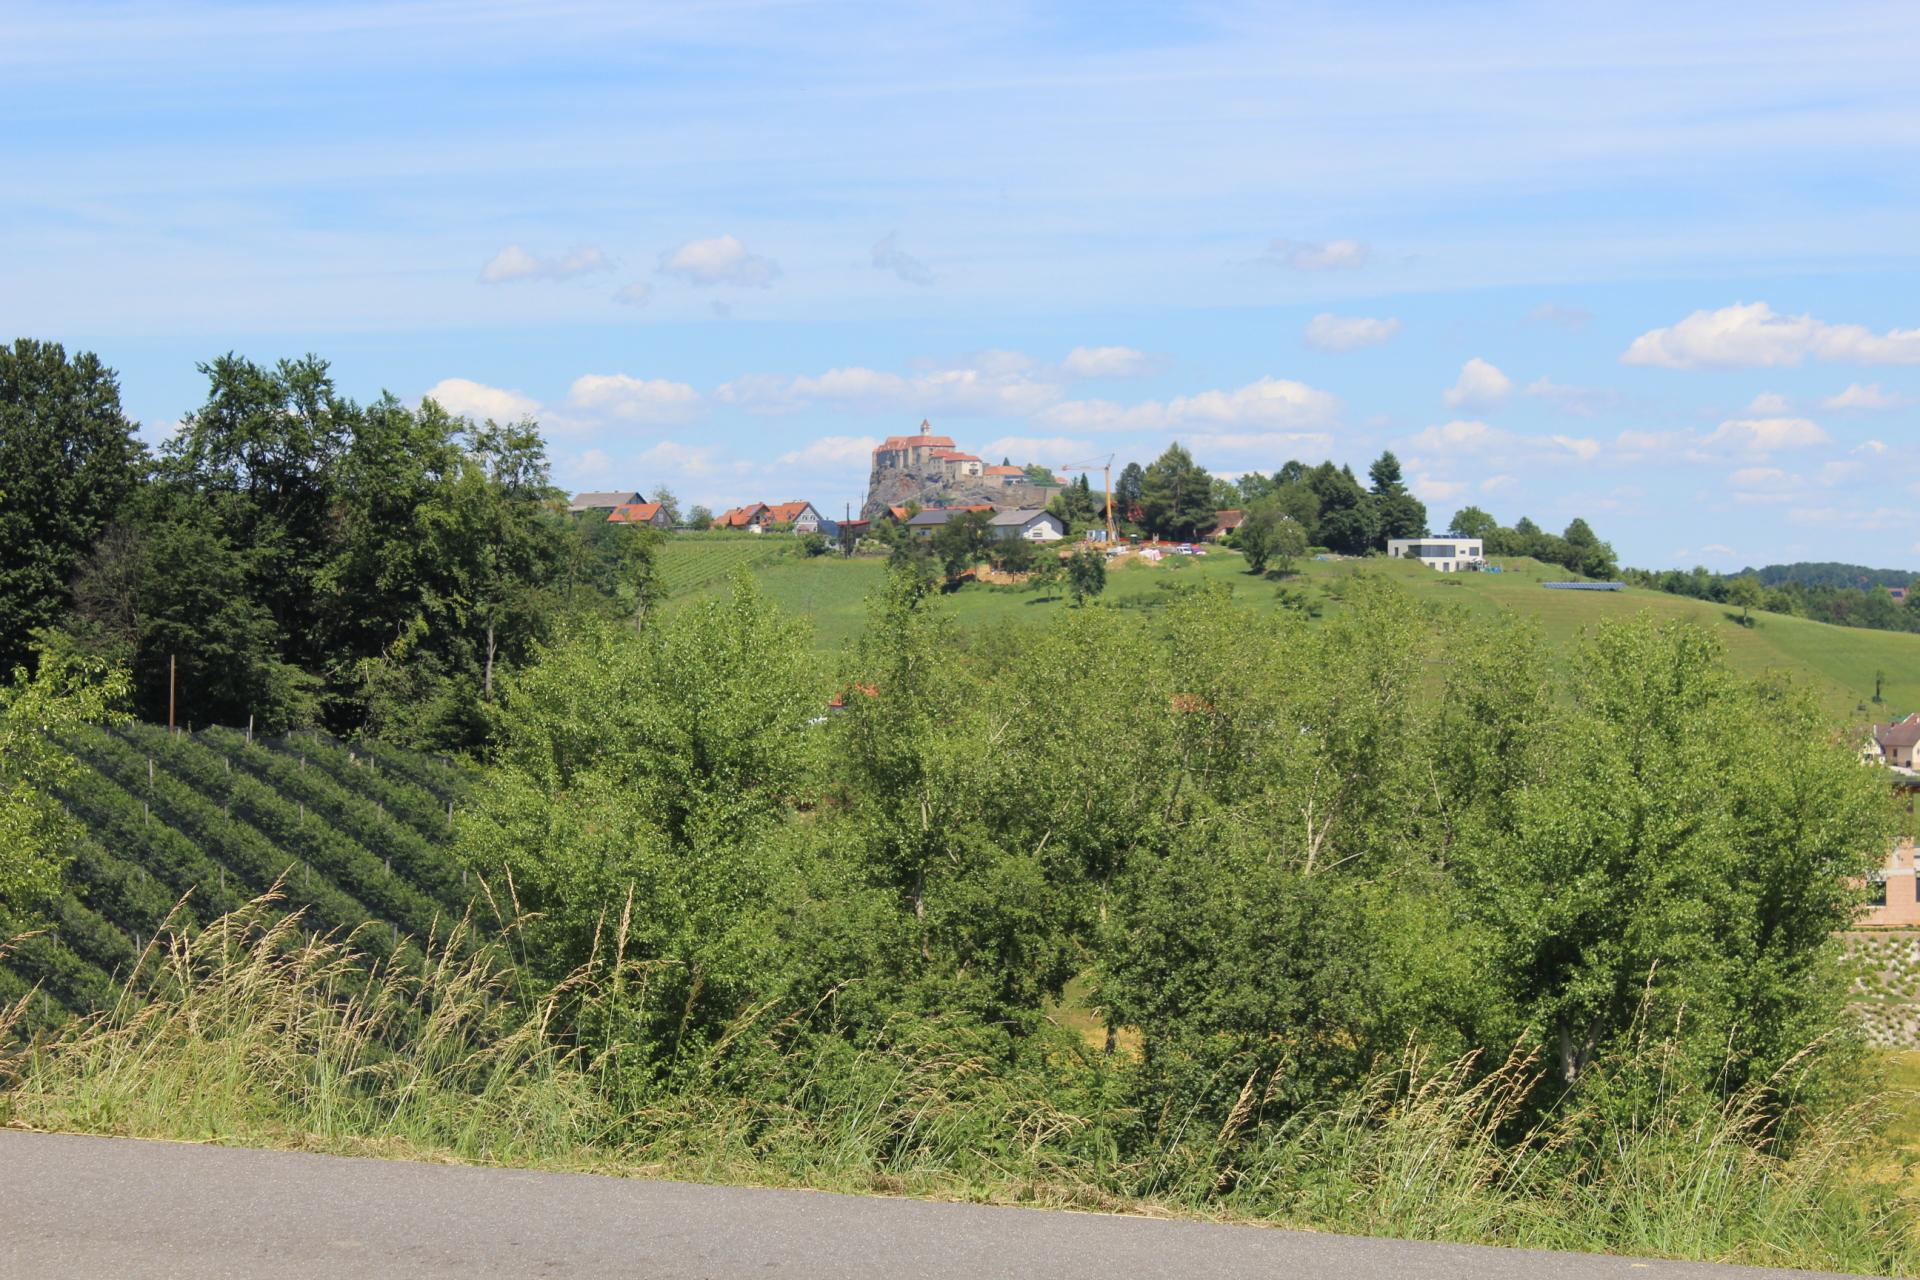 Blick auf die Riegersburg/Riegersburg castle